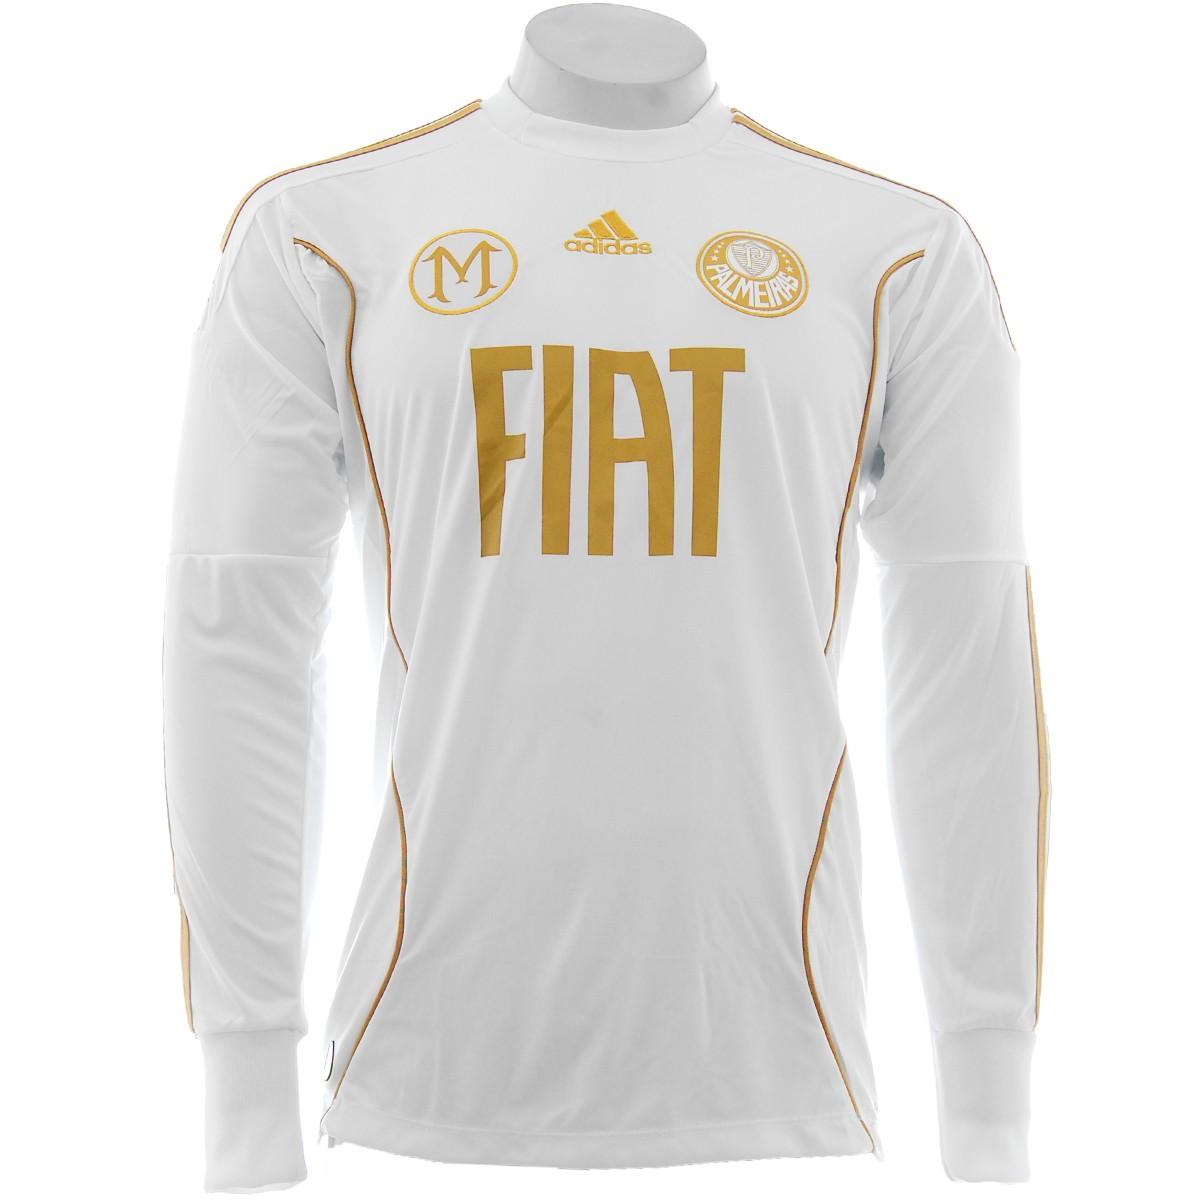 bf32a0ae0d15b FutCamisas  Camisa Adidas Palmeiras Marcos Comemorativa 2011